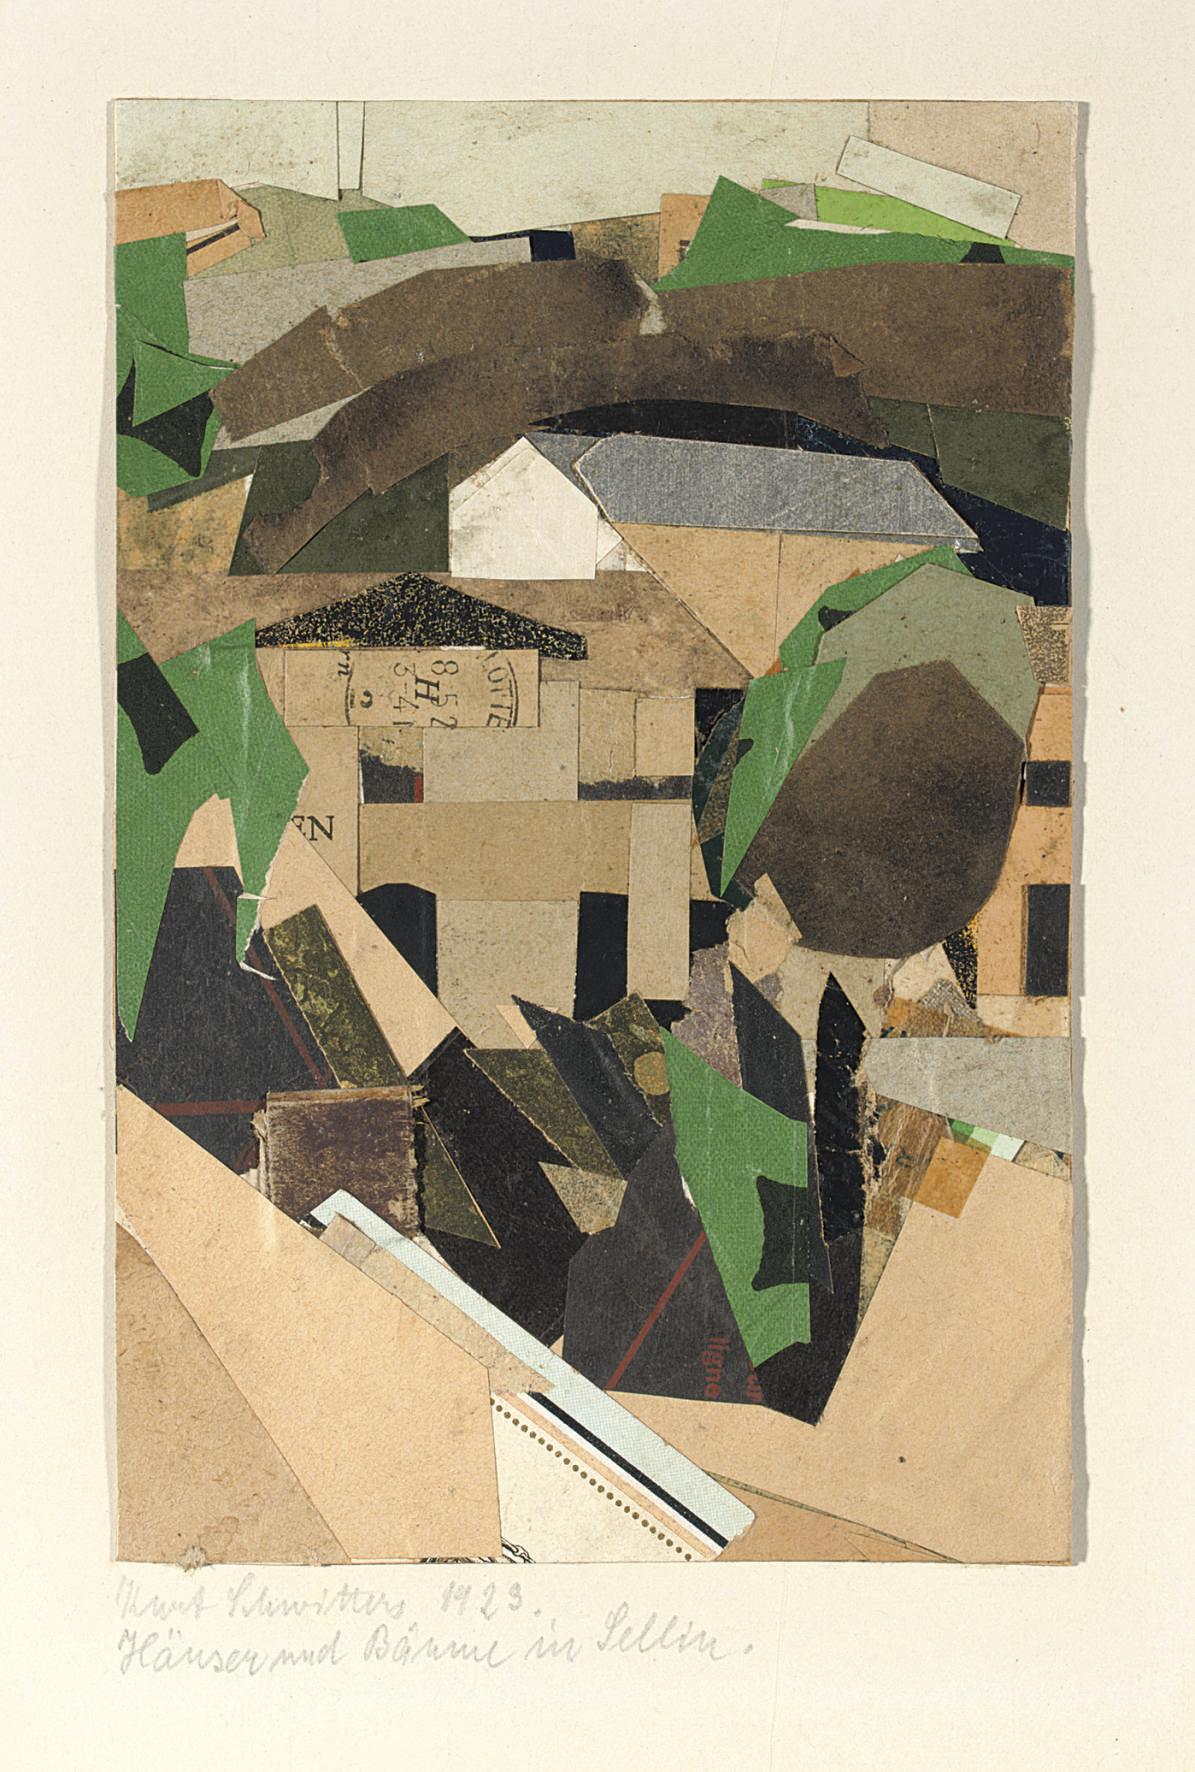 Kurt Schwitters (1887-1948)